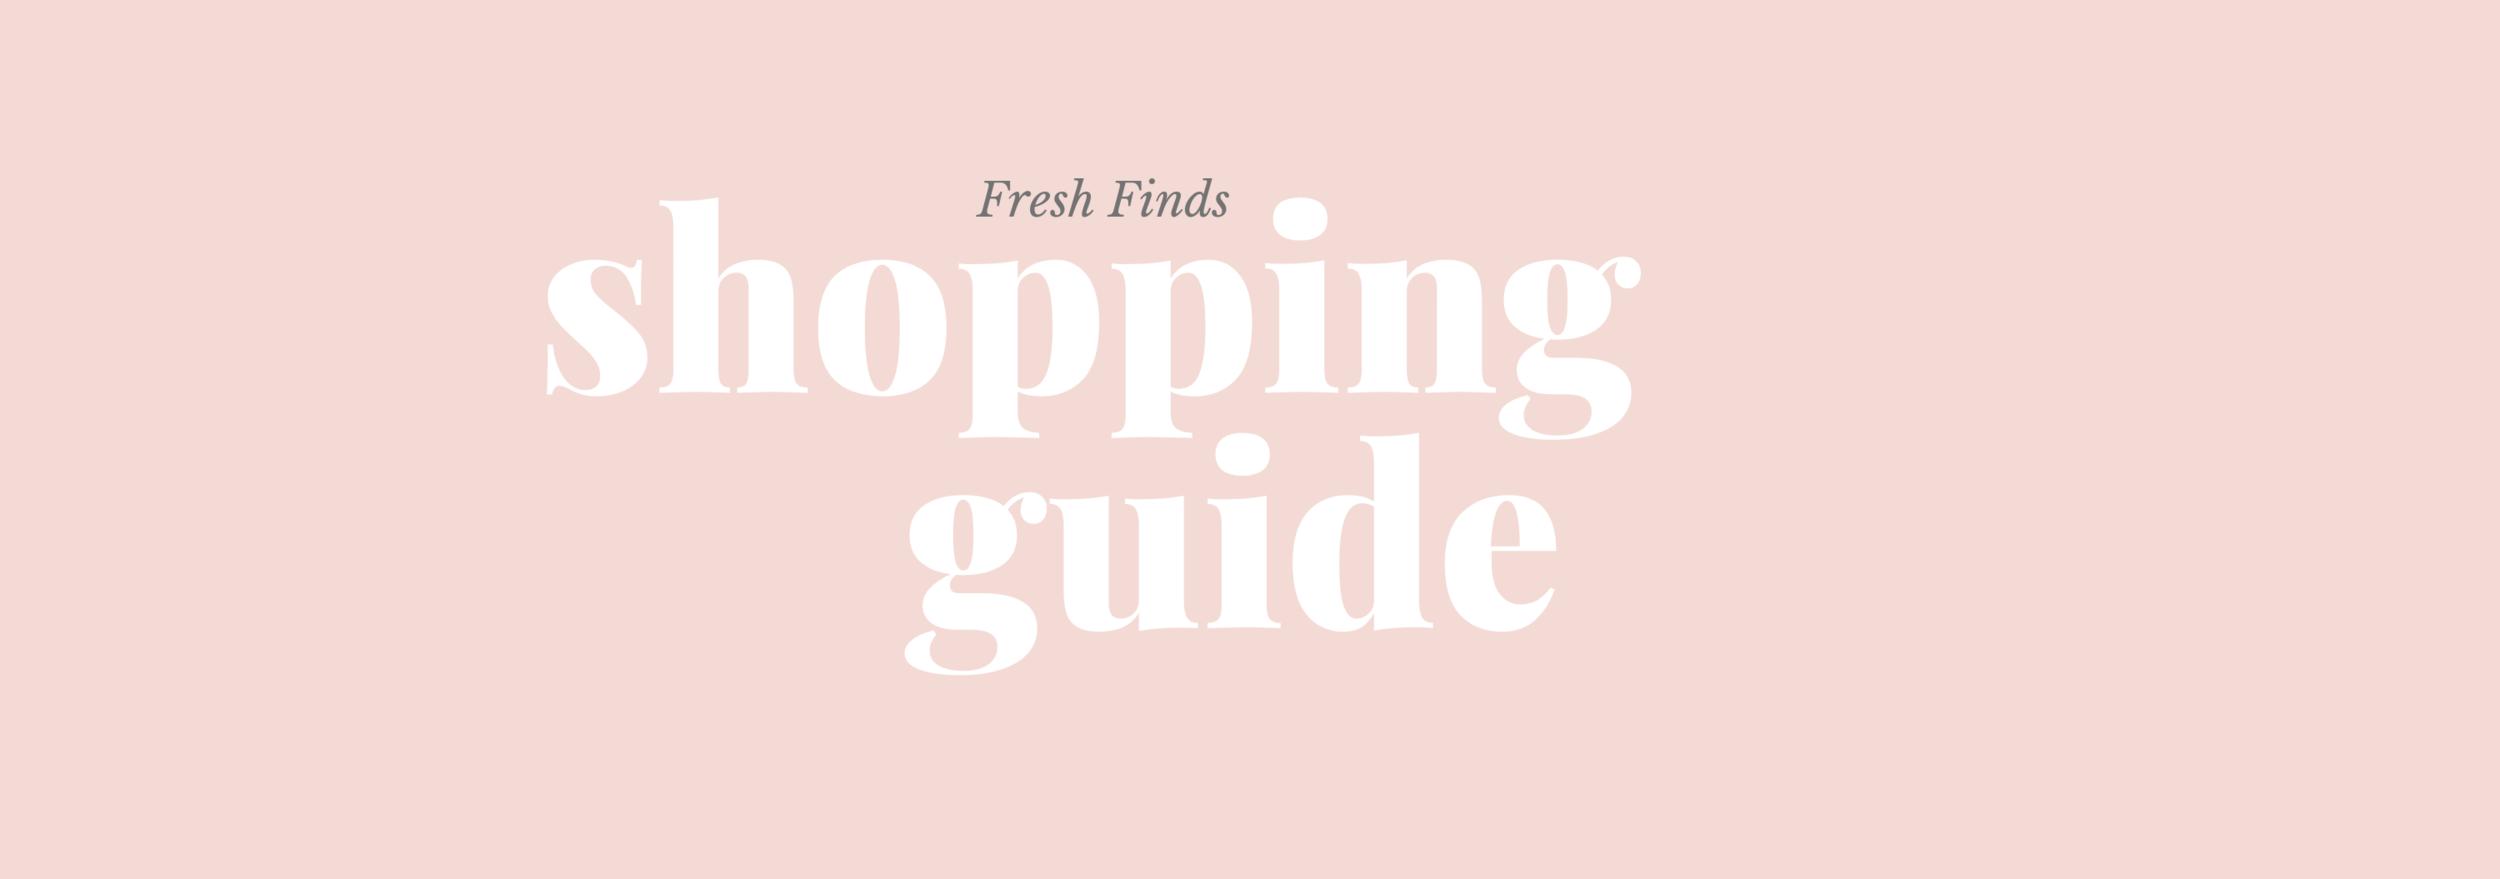 Gennifer Rose_Fresh Finds Shopping Guide.png